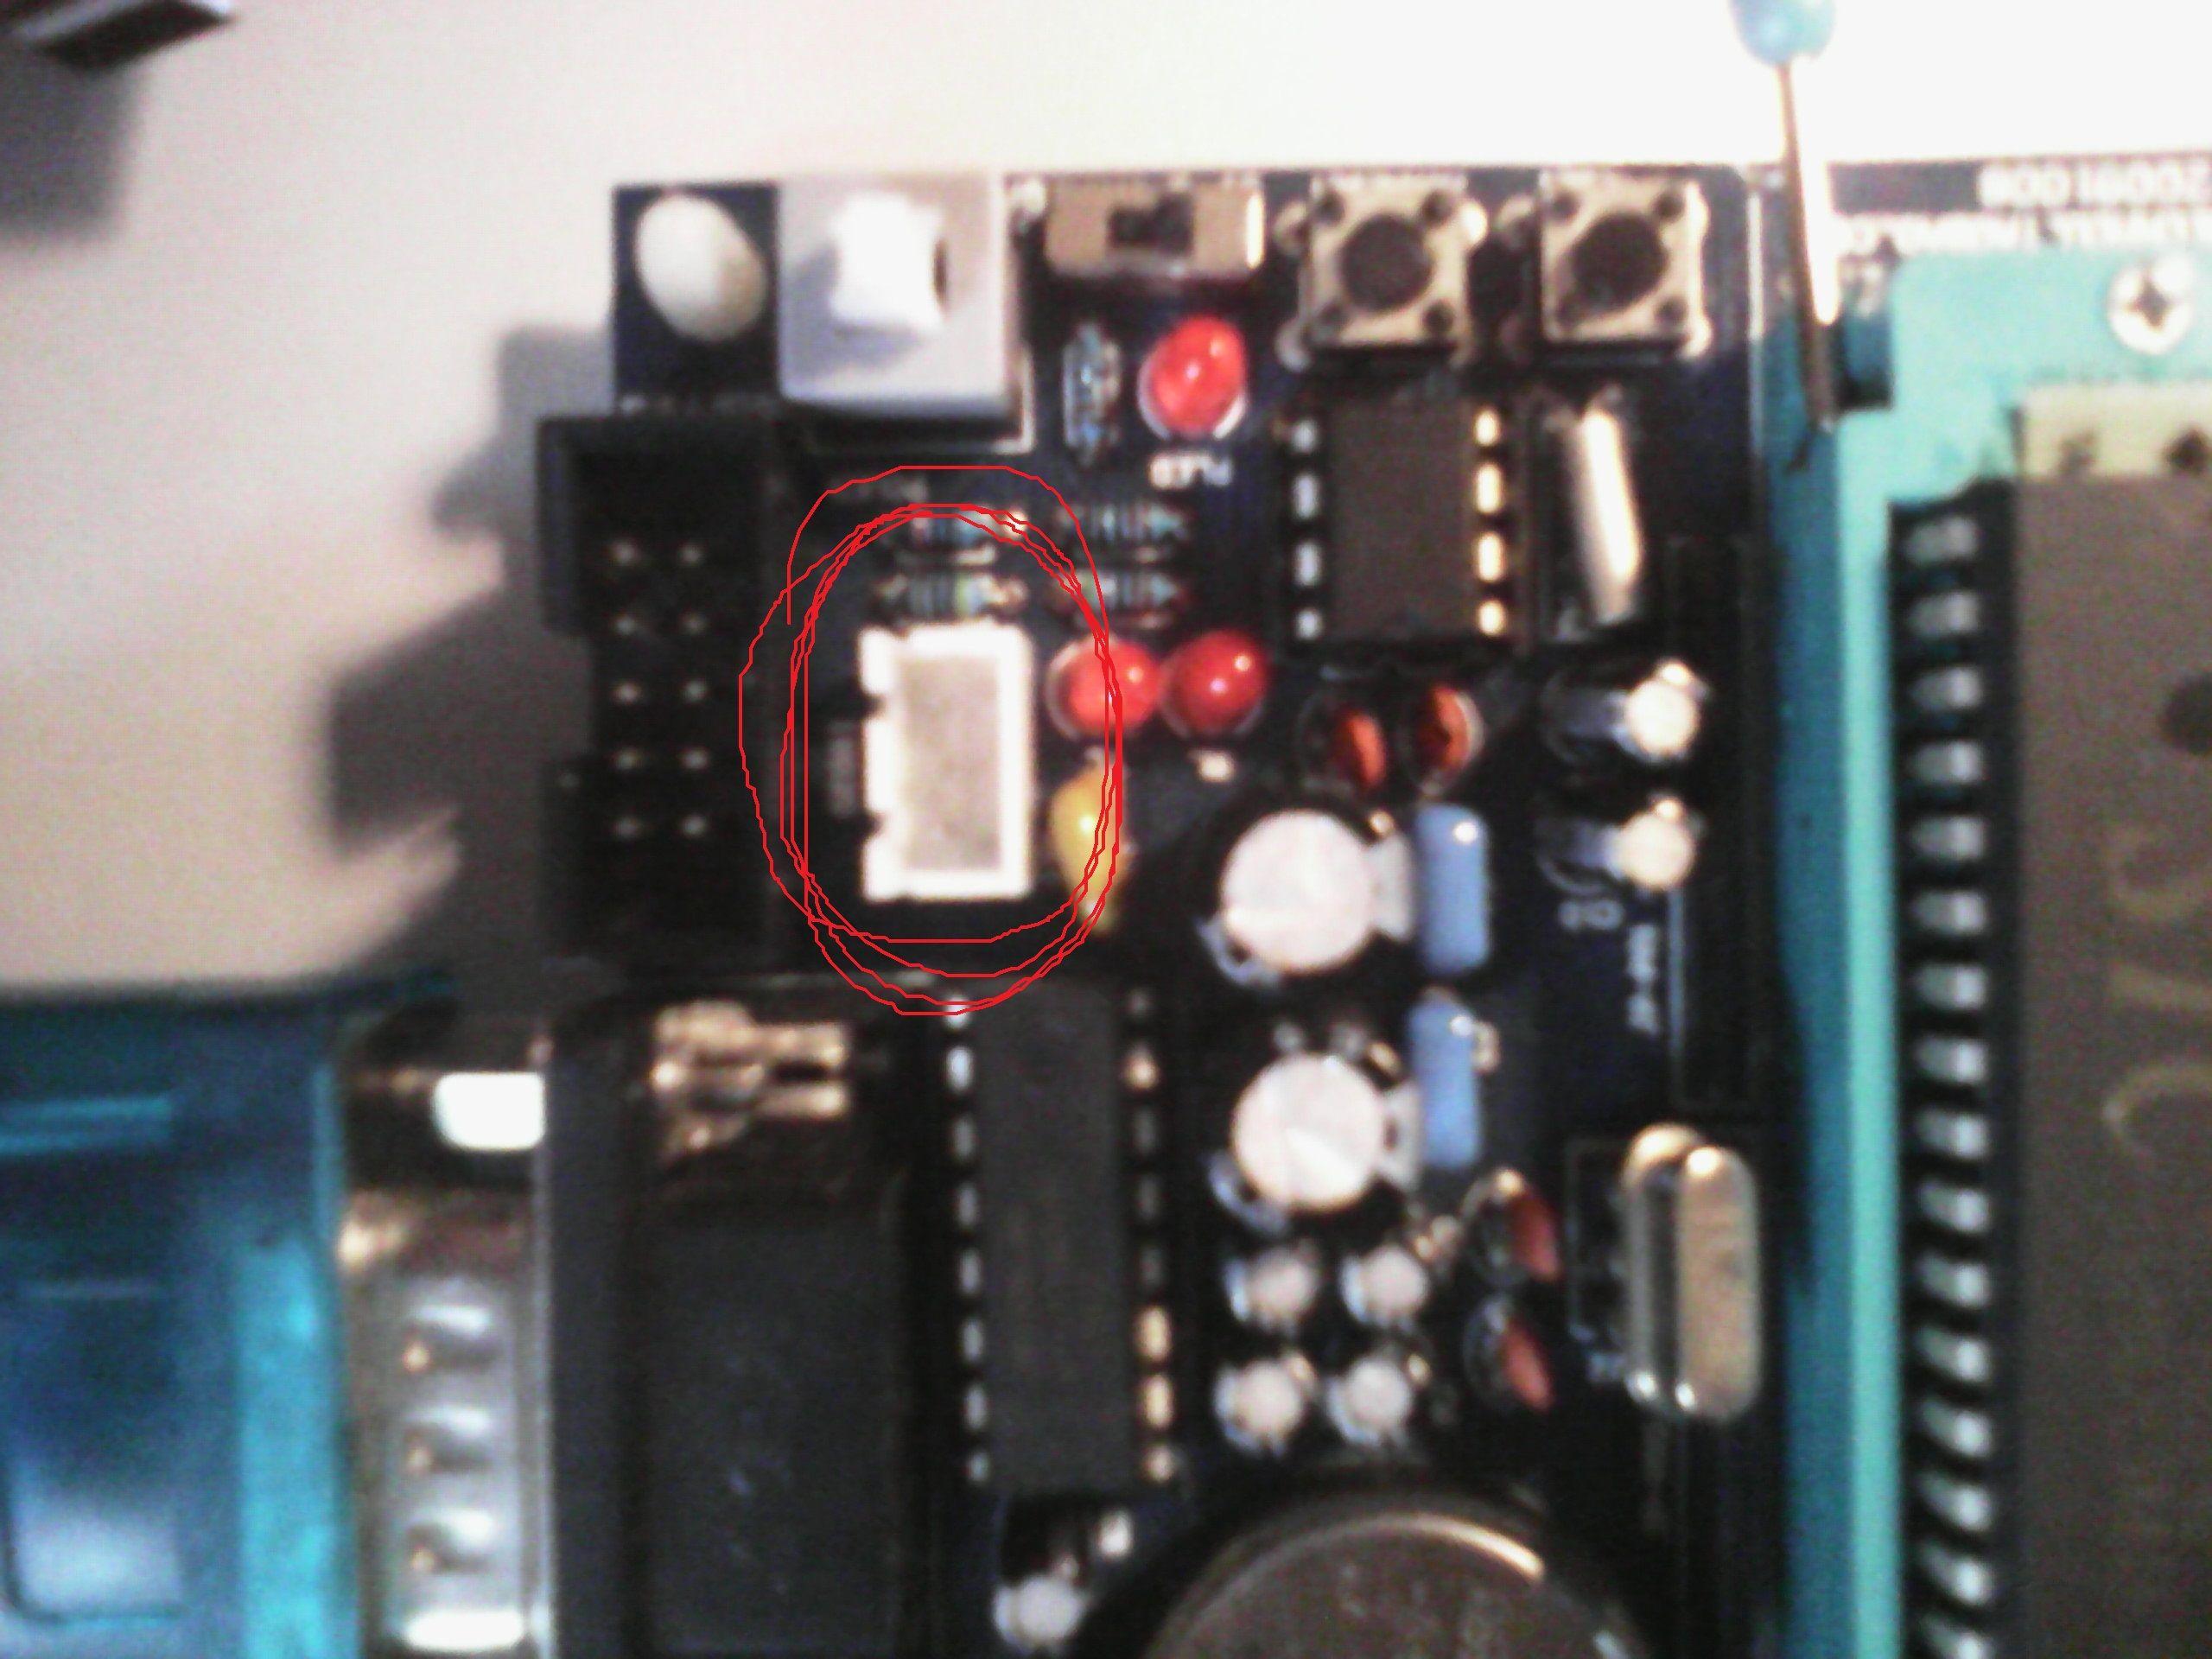 就是18b20插口,没有标明 级的地方qaq高清图片